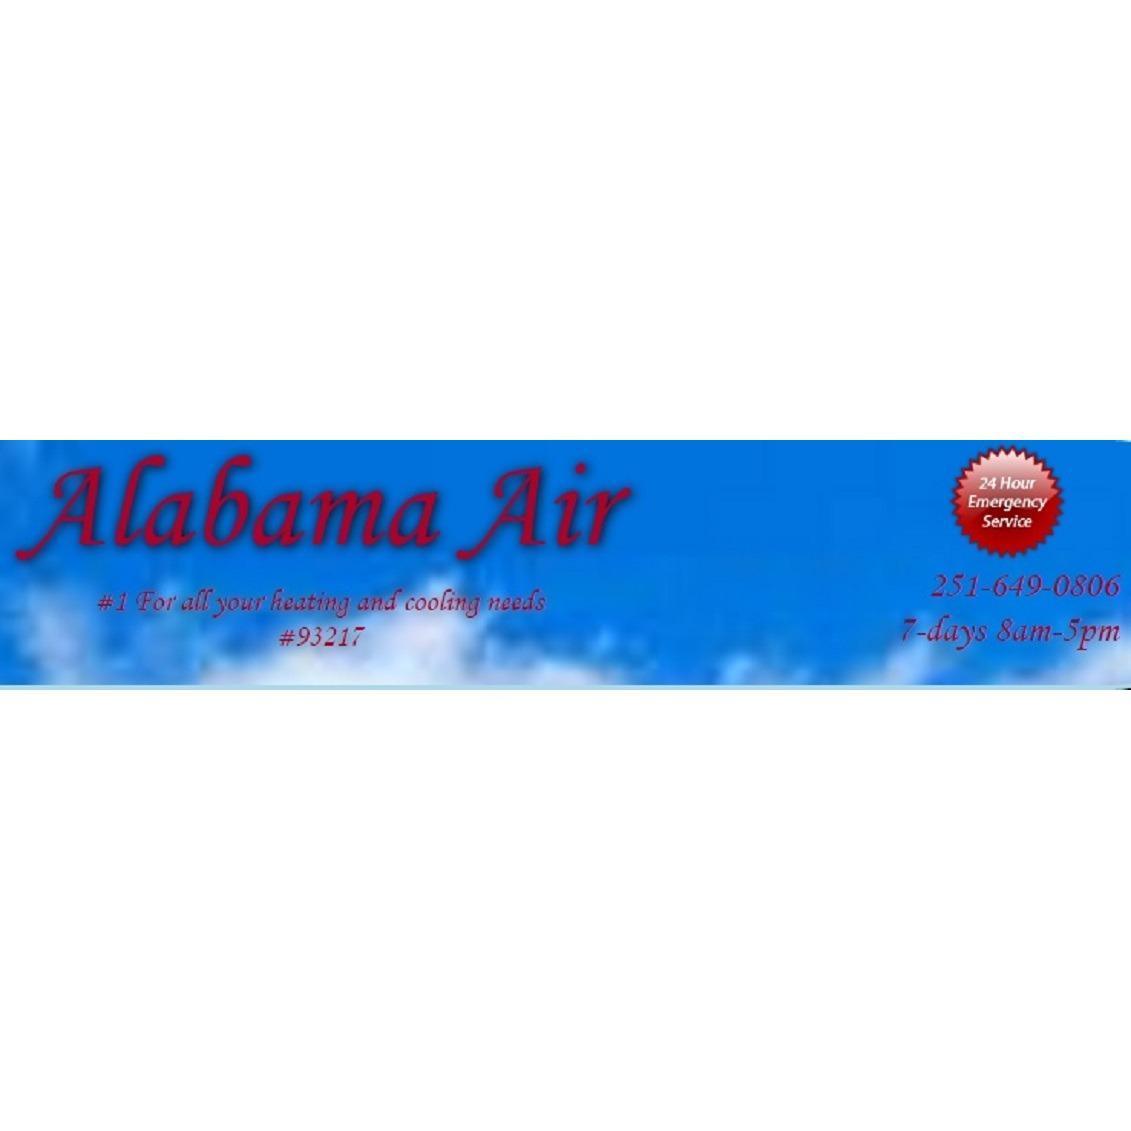 Alabama Air